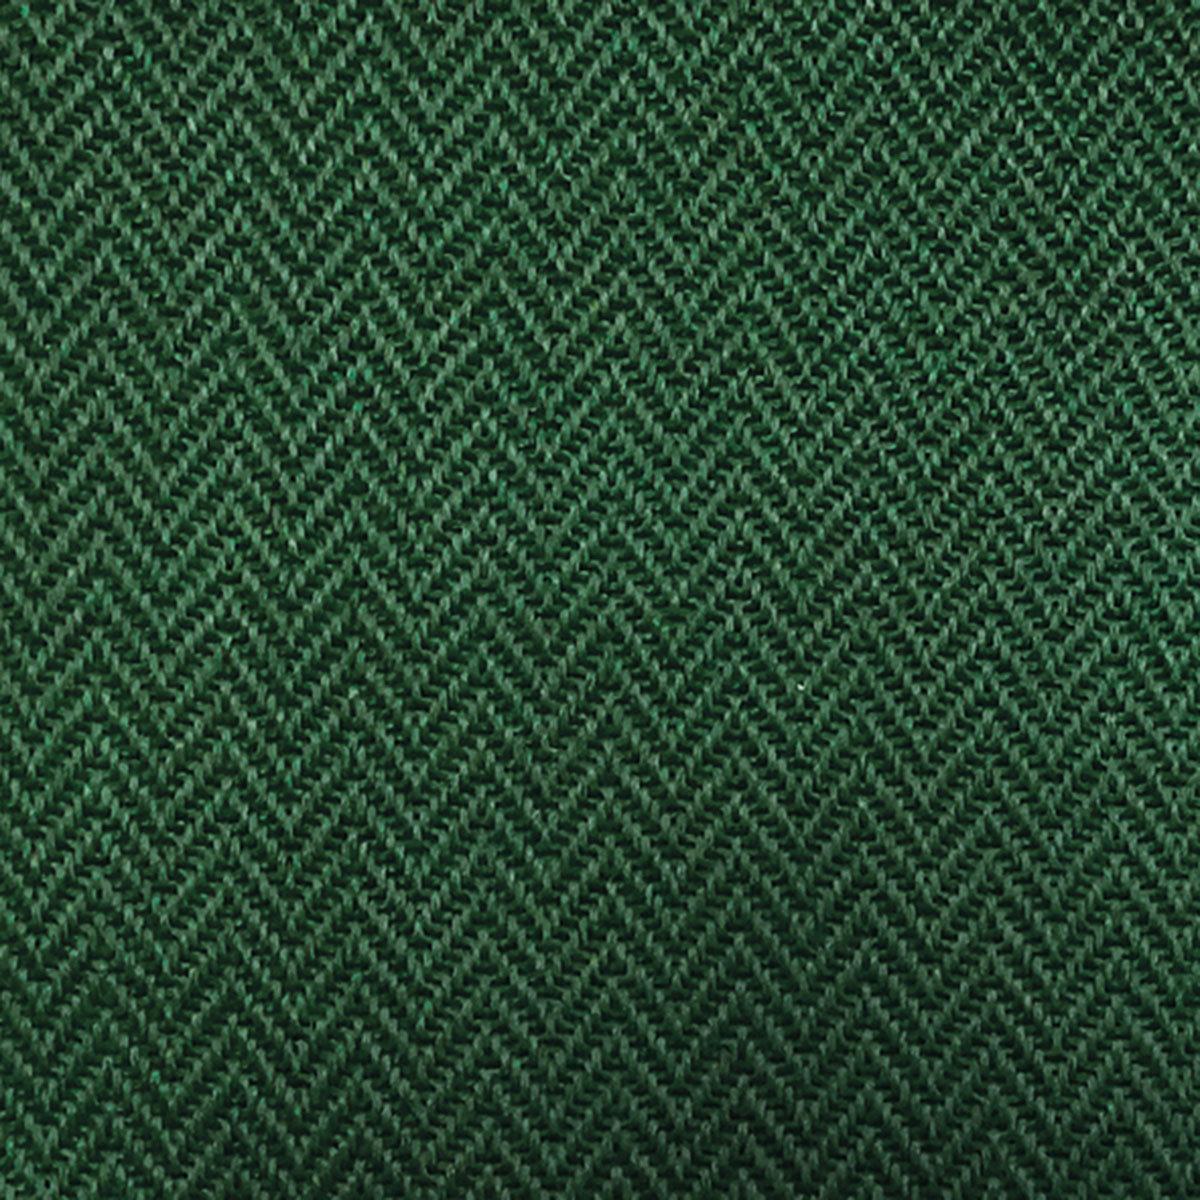 Sitzkissen-Auflage Aster, smaragdgrün | #2